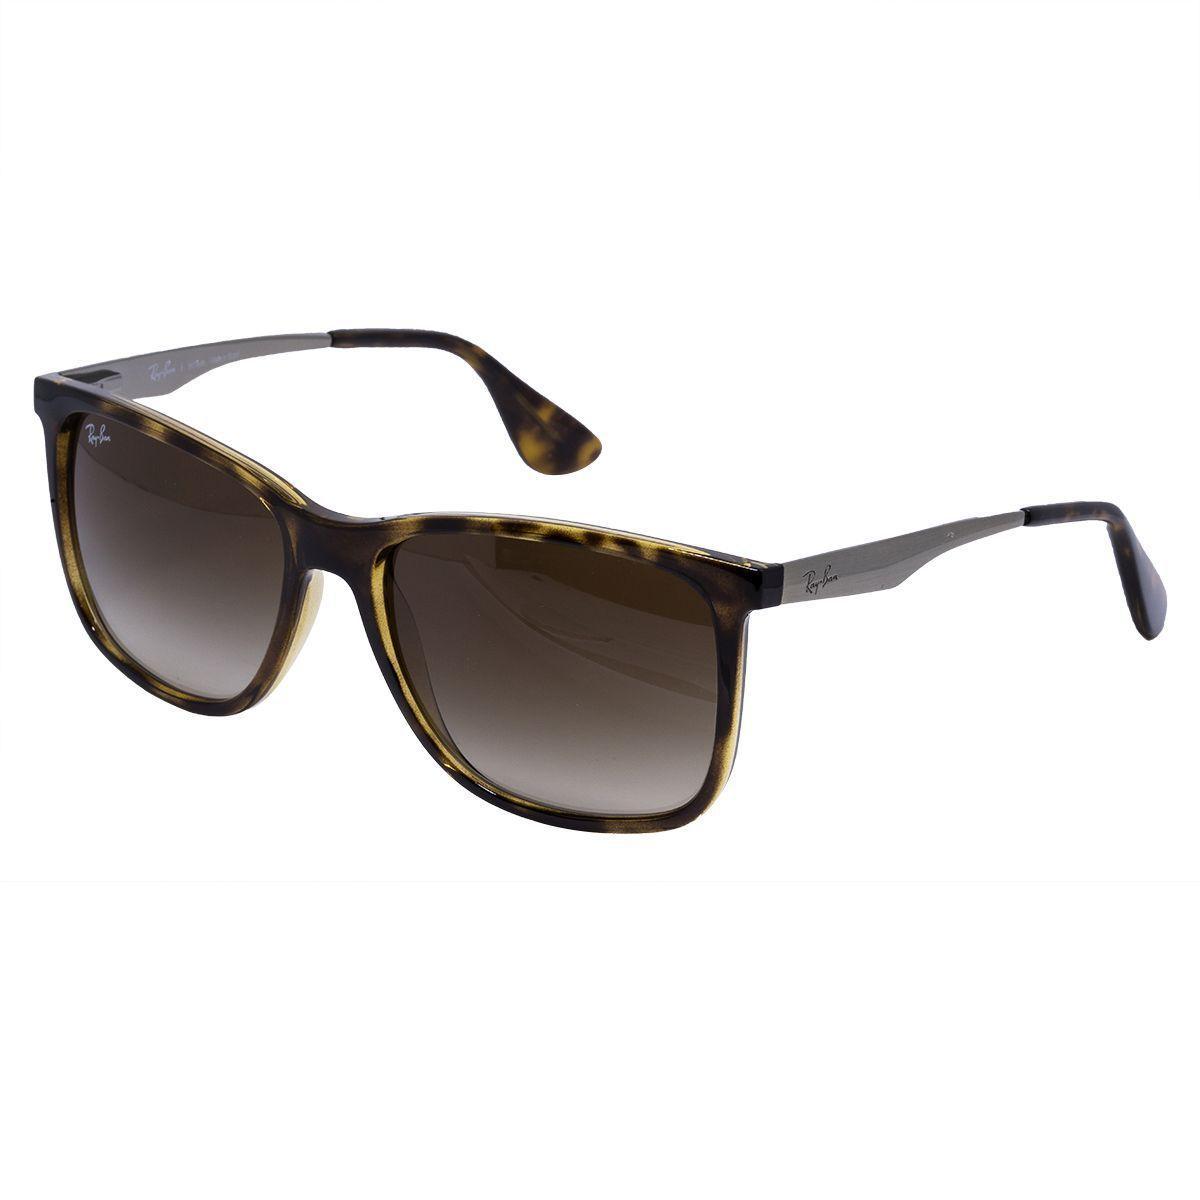 9fc00aa82d5e1 Óculos de Sol Ray Ban Glossy Havana RB4271 - acetato tartaruga, lente marrom  degradê R  484,00 à vista. Adicionar à sacola